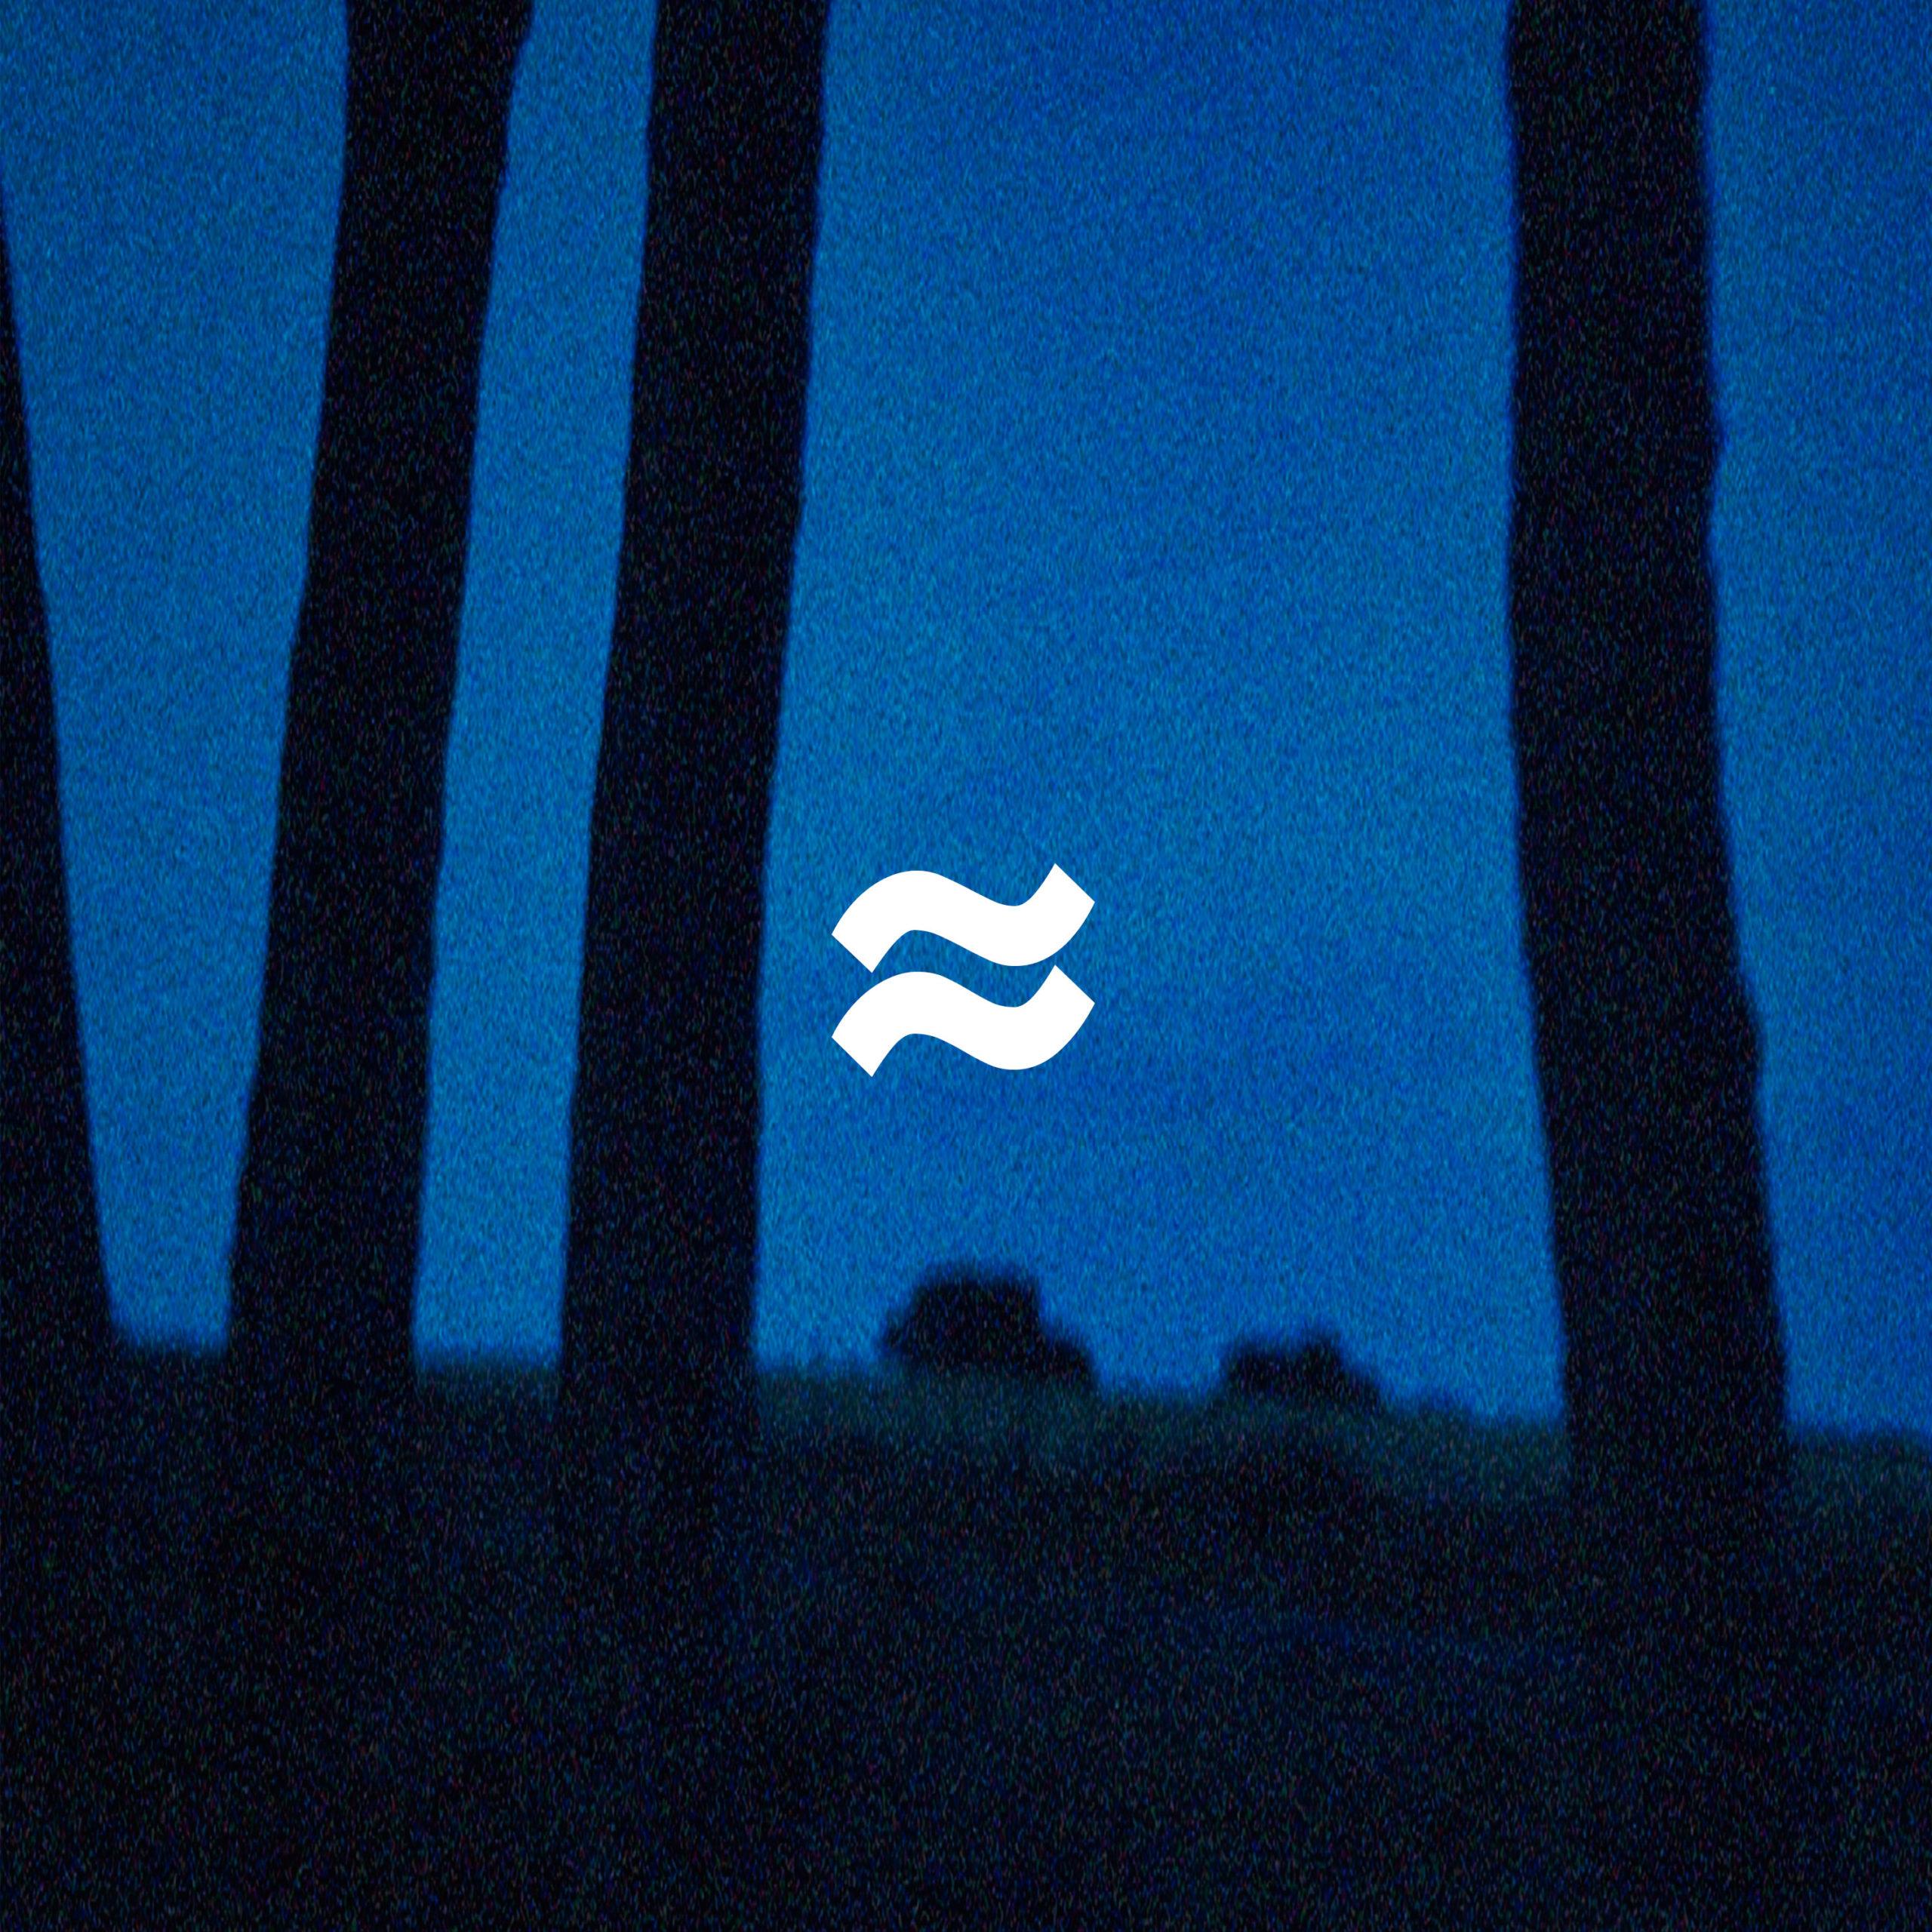 VAGUES aux portes de la nuit EP artwork